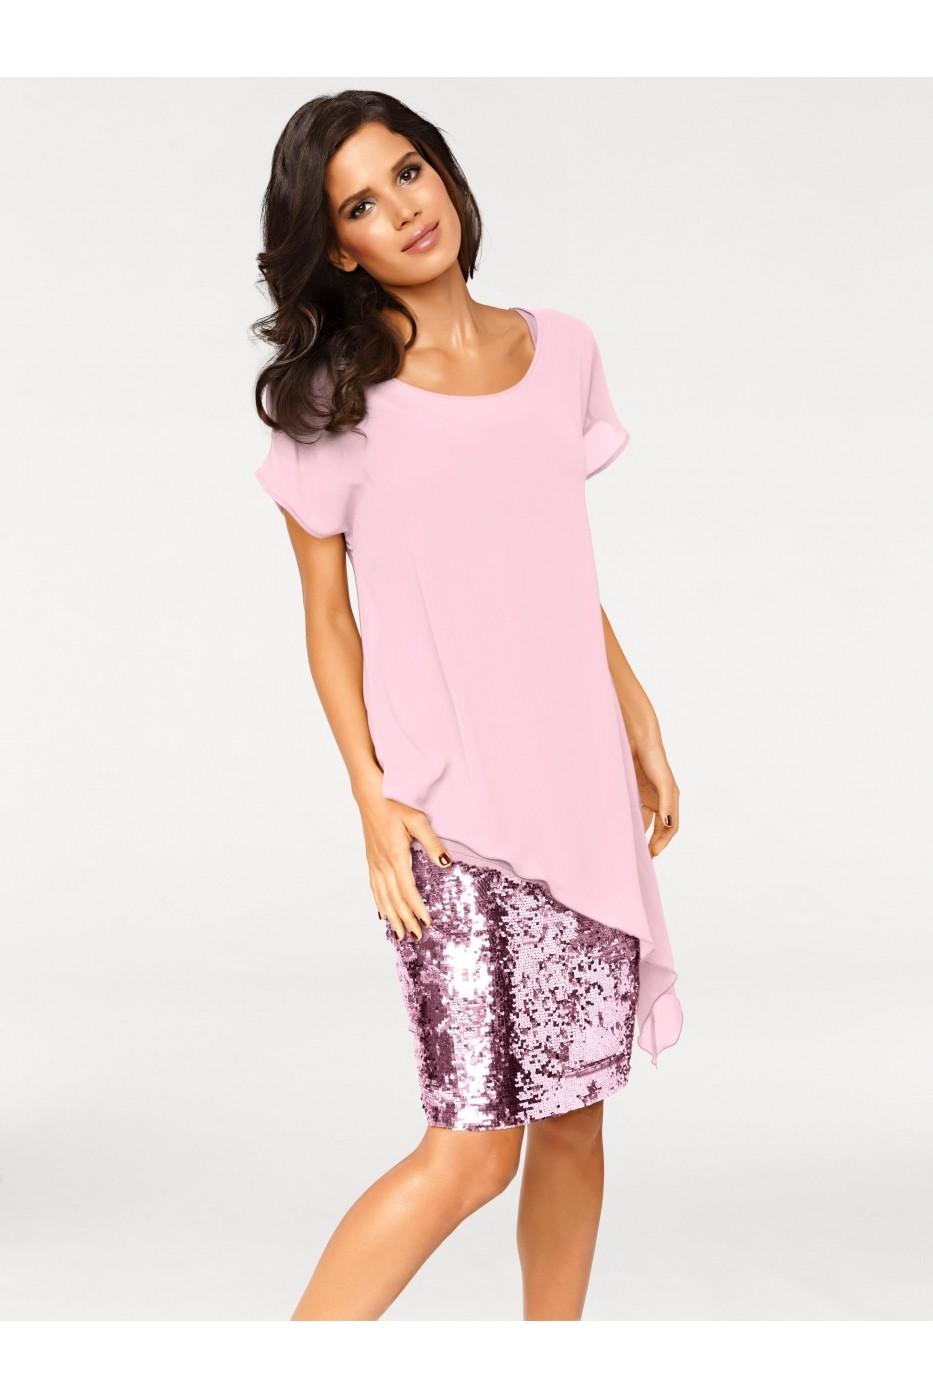 8d99d07815 Estélyi ruha heine TIMELESS 87209 Rózsaszín - els - FashionUP!